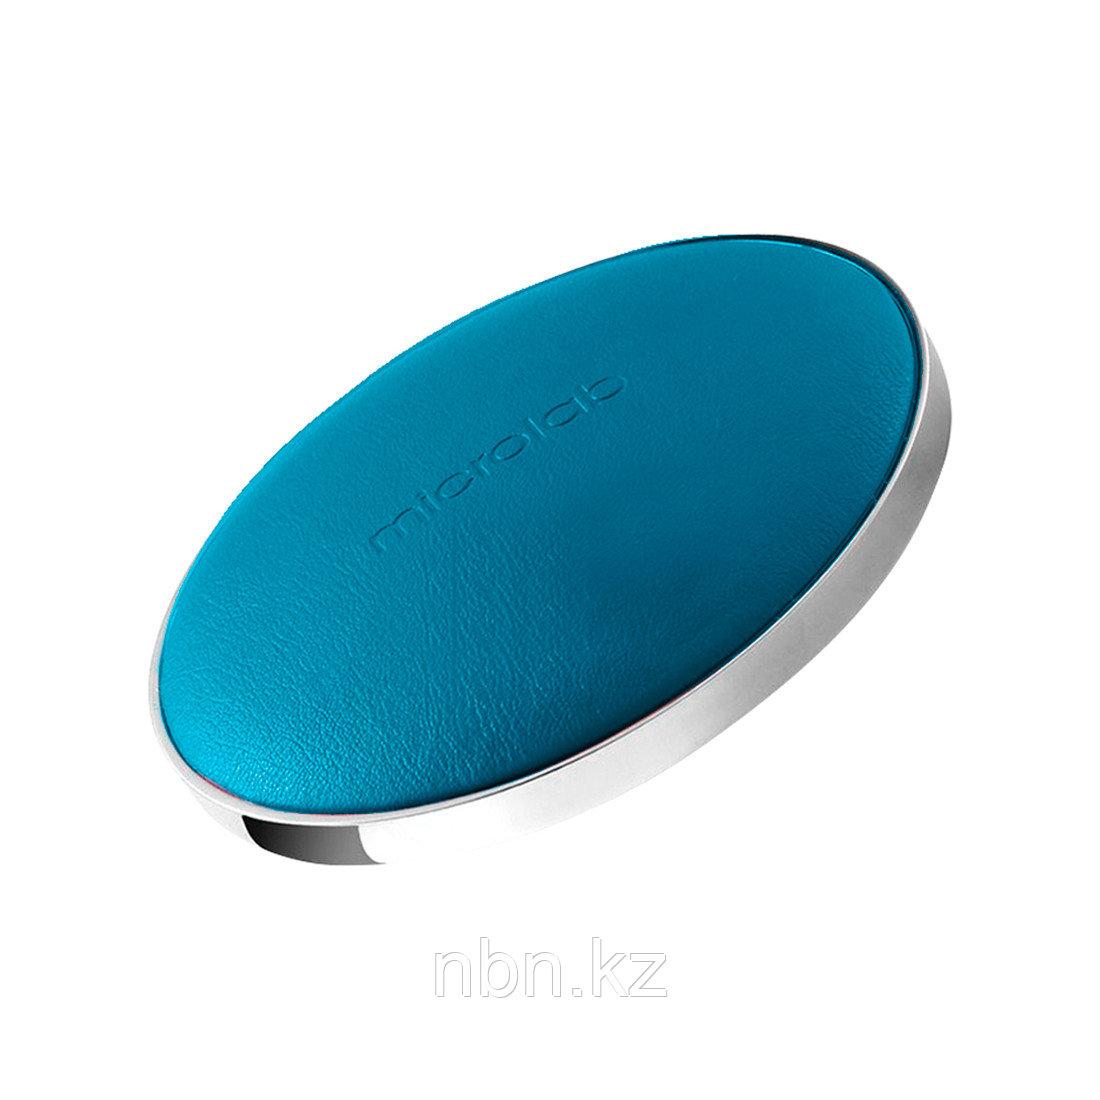 Колонки Microlab MD216 Голубой